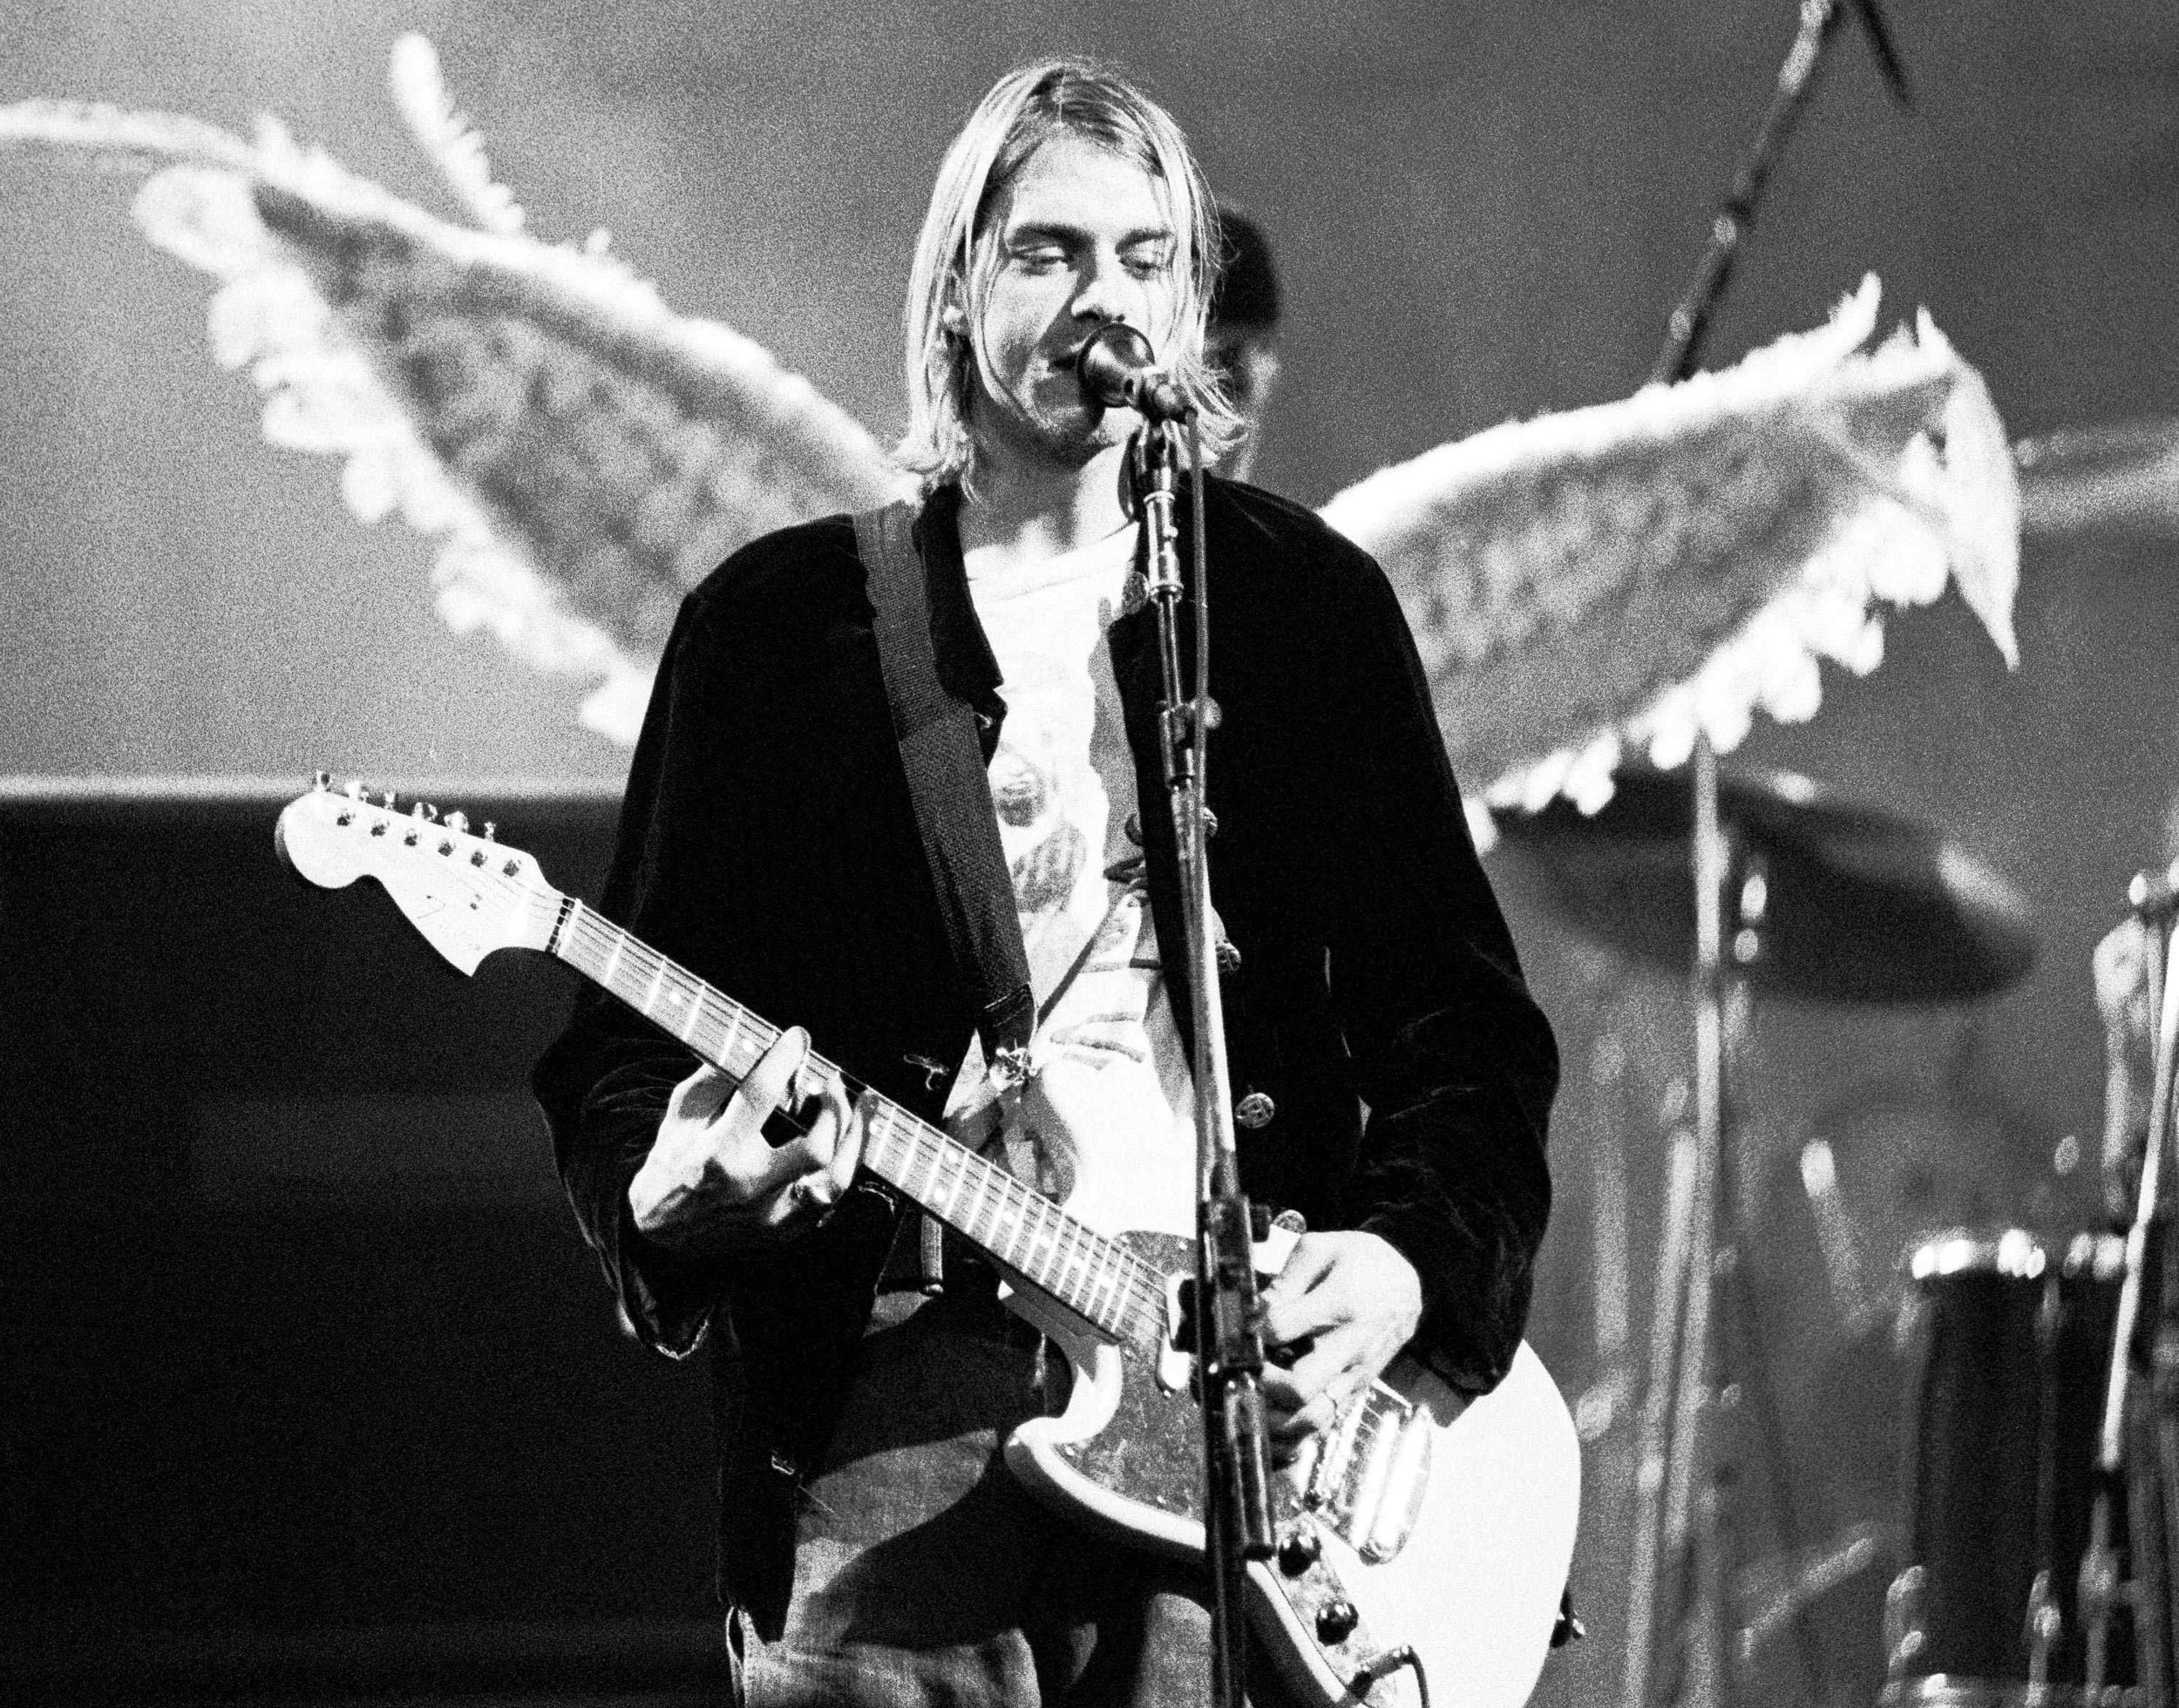 Nirvana-Kurt_Cobain-12.jpeg